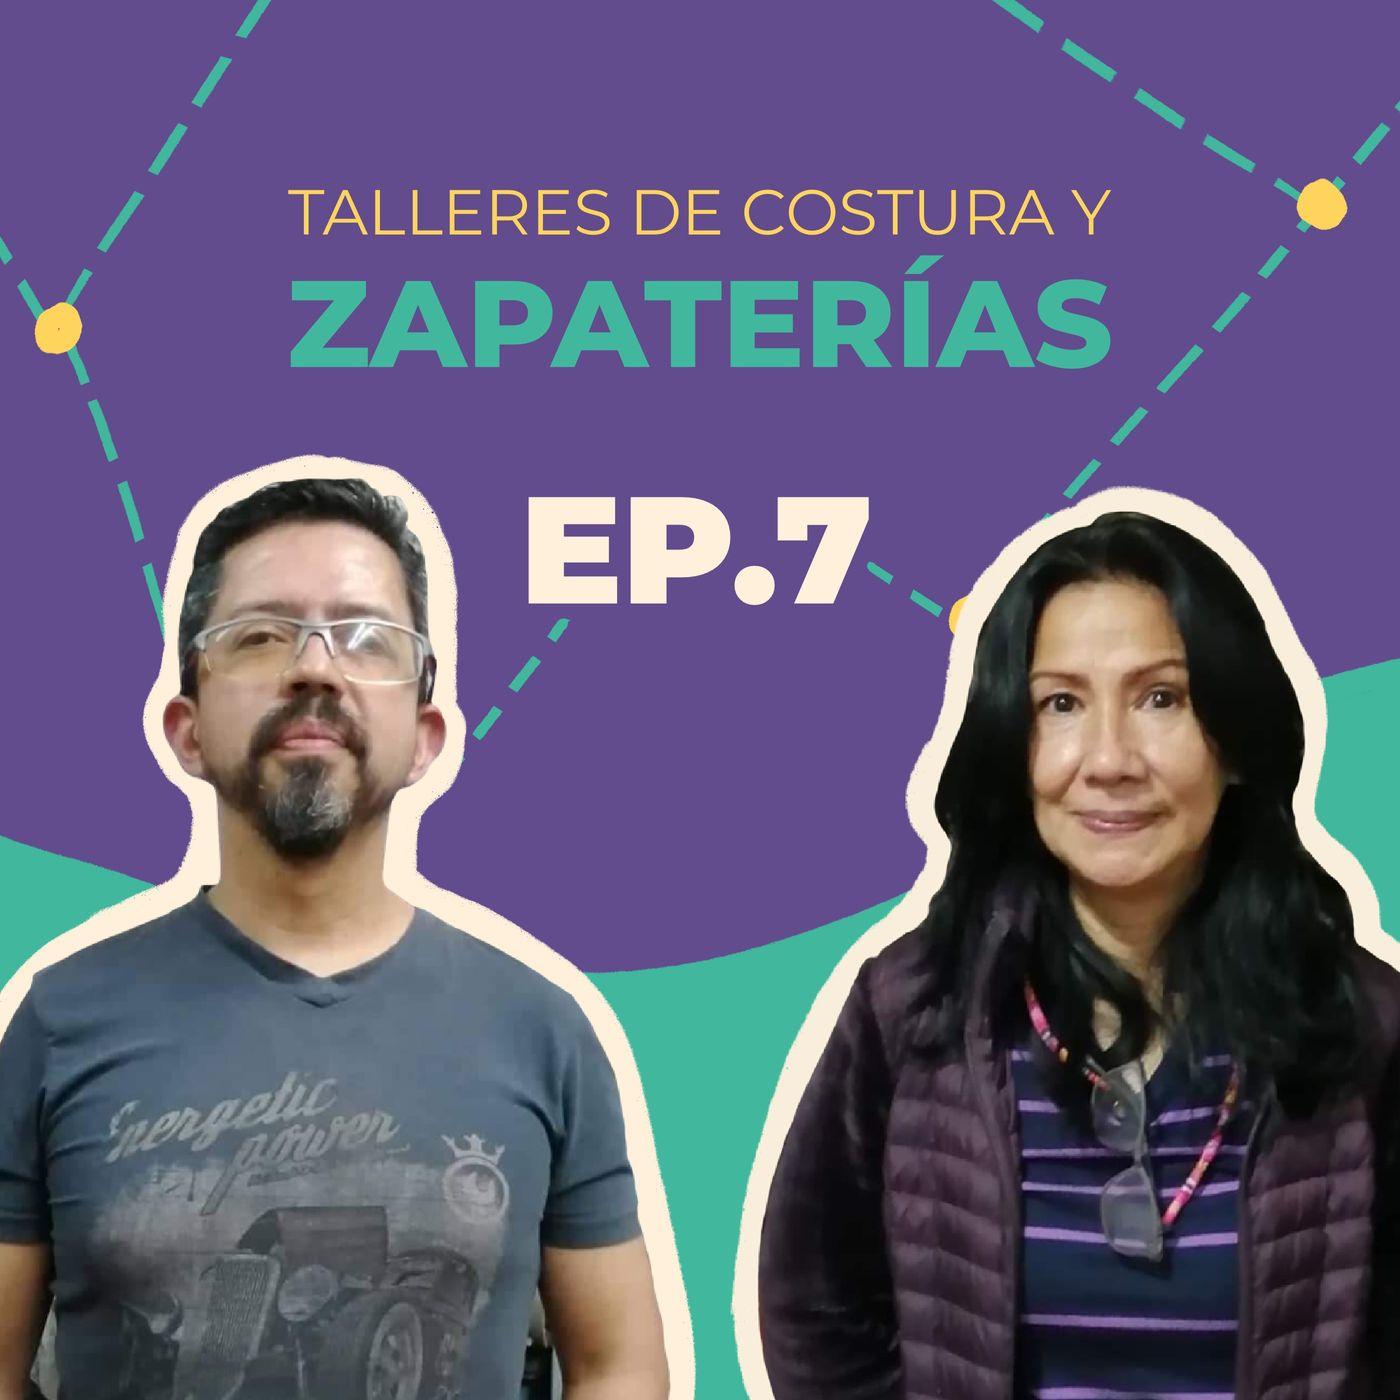 Zapaterías y talleres de costura en Bogotá | Bacatáfono: Historia entre-tiendas | EP7.T2